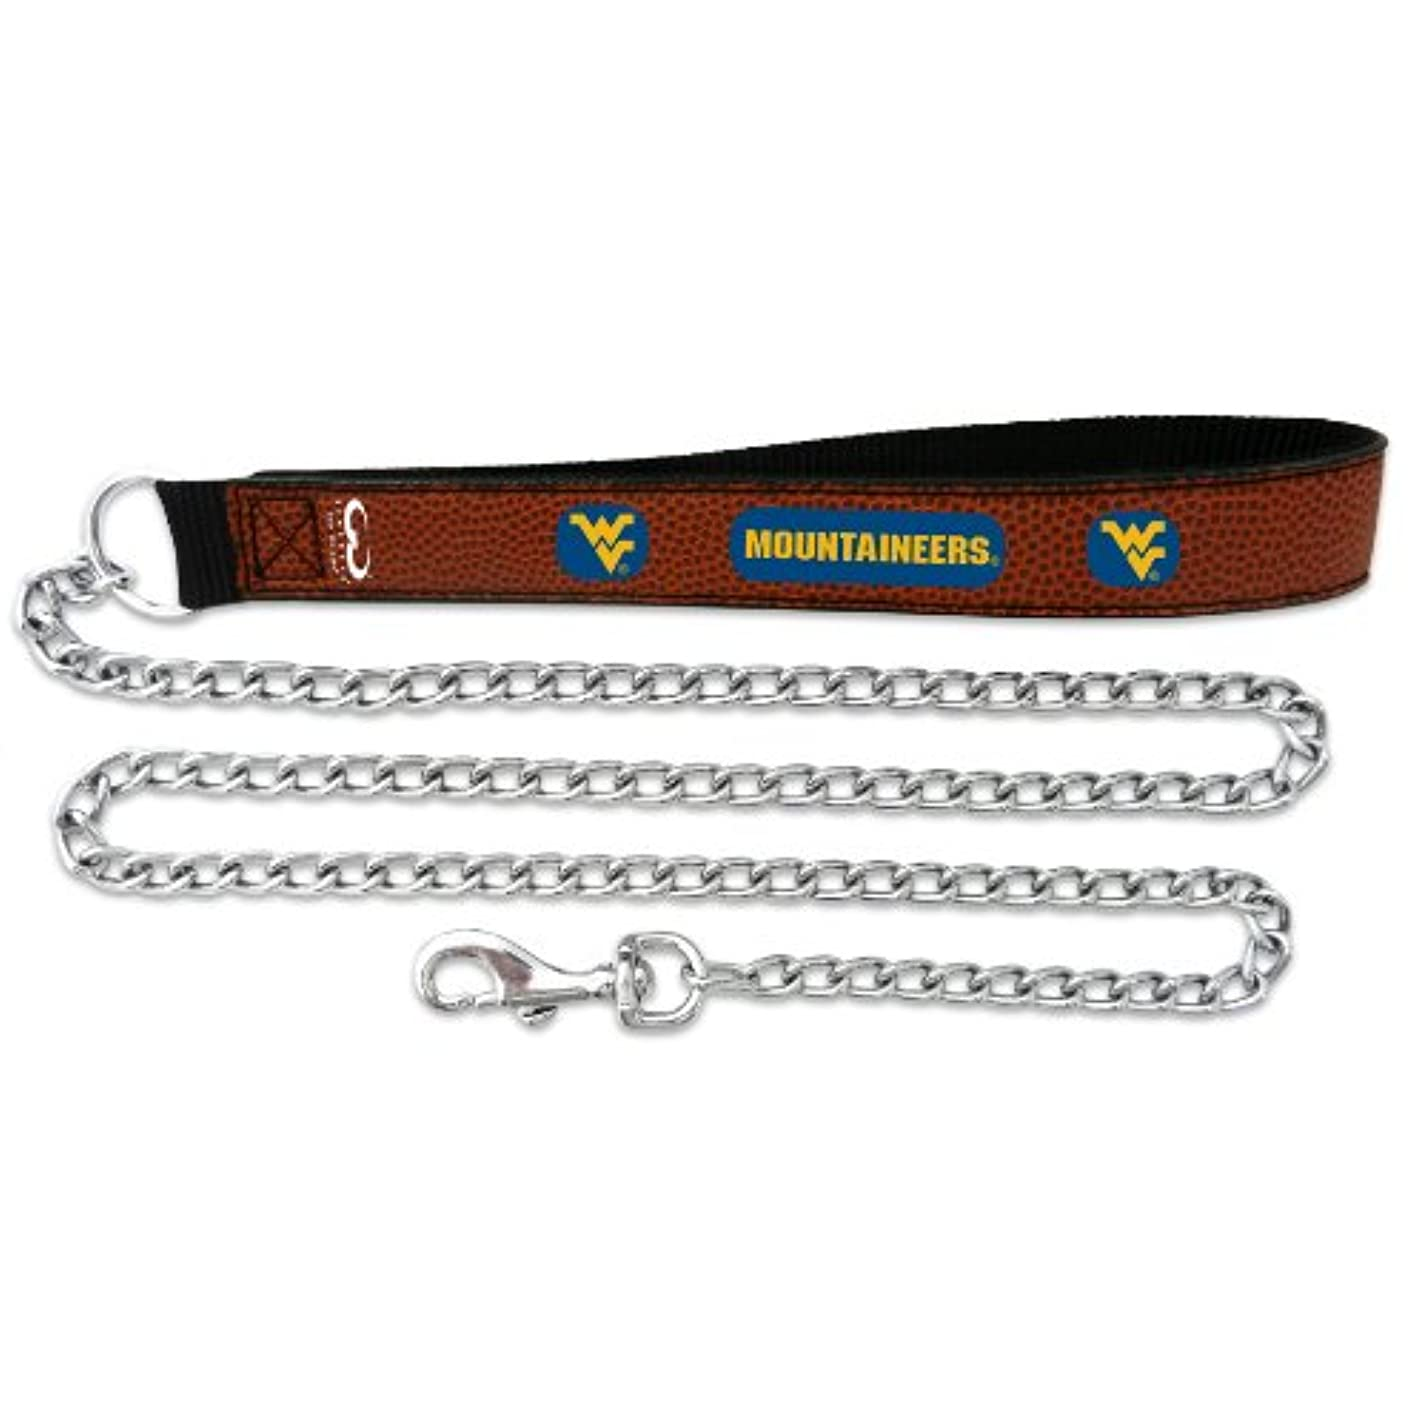 見える交渉するその間West Virginia Mountaineers Football Leather 3.5mm Chain Leash - L